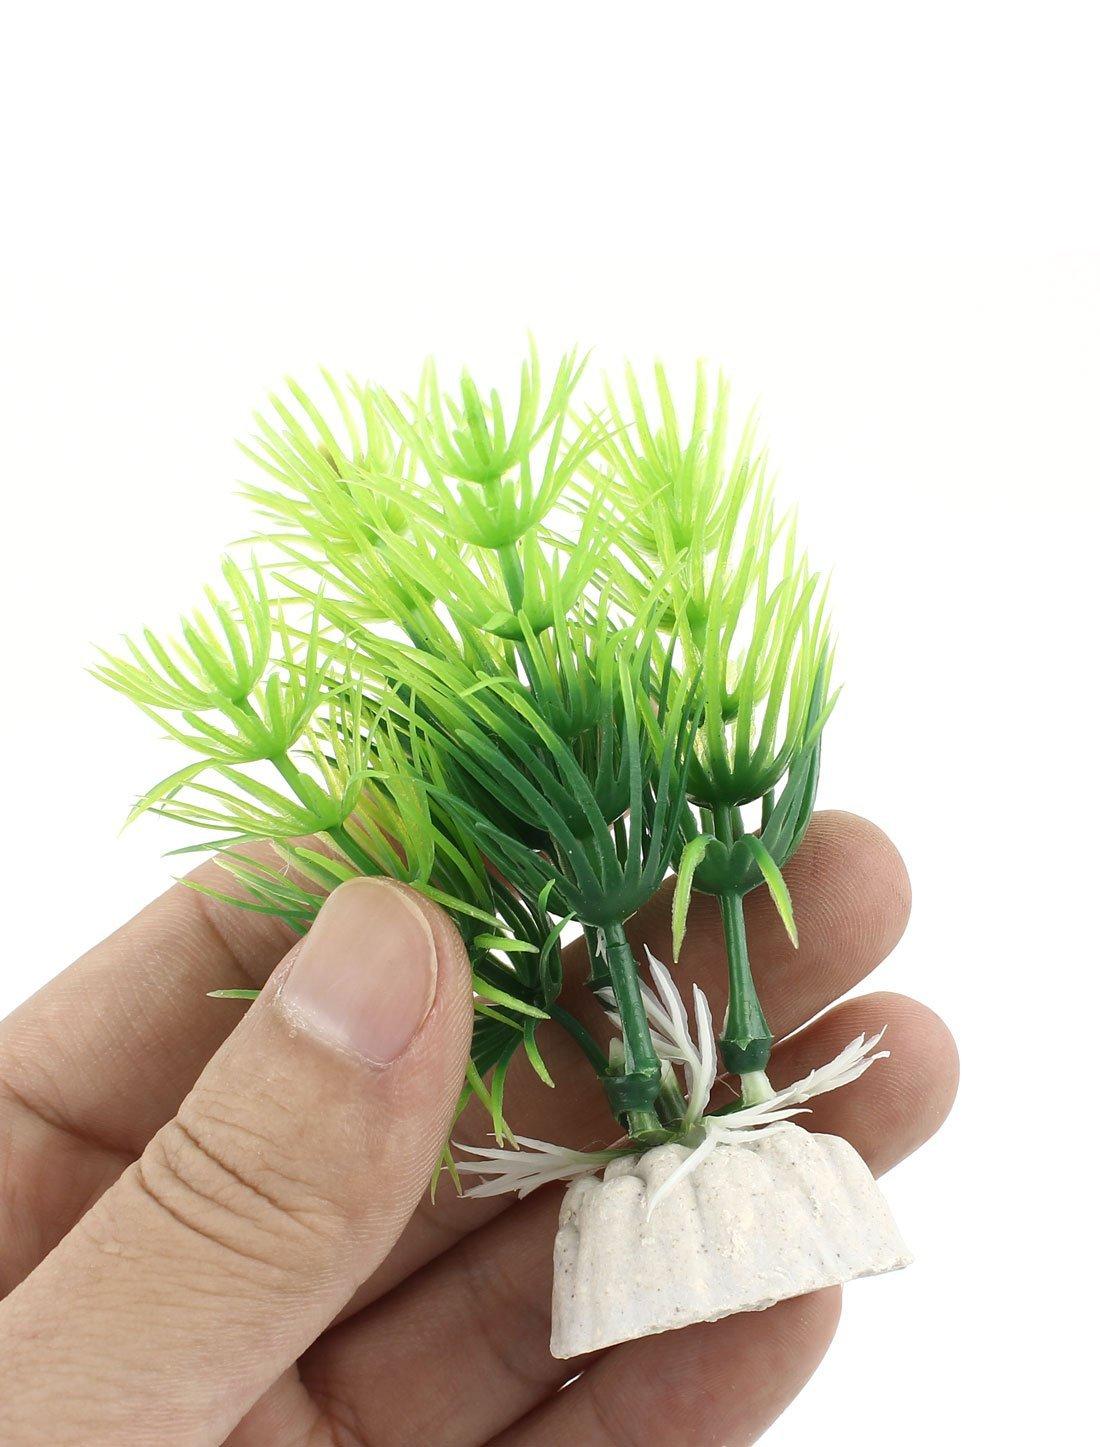 Amazon.com : eDealMax Emulación de plástico Plantas acuáticas peces de acuario tanque de decoración 10pcs Verdes : Pet Supplies